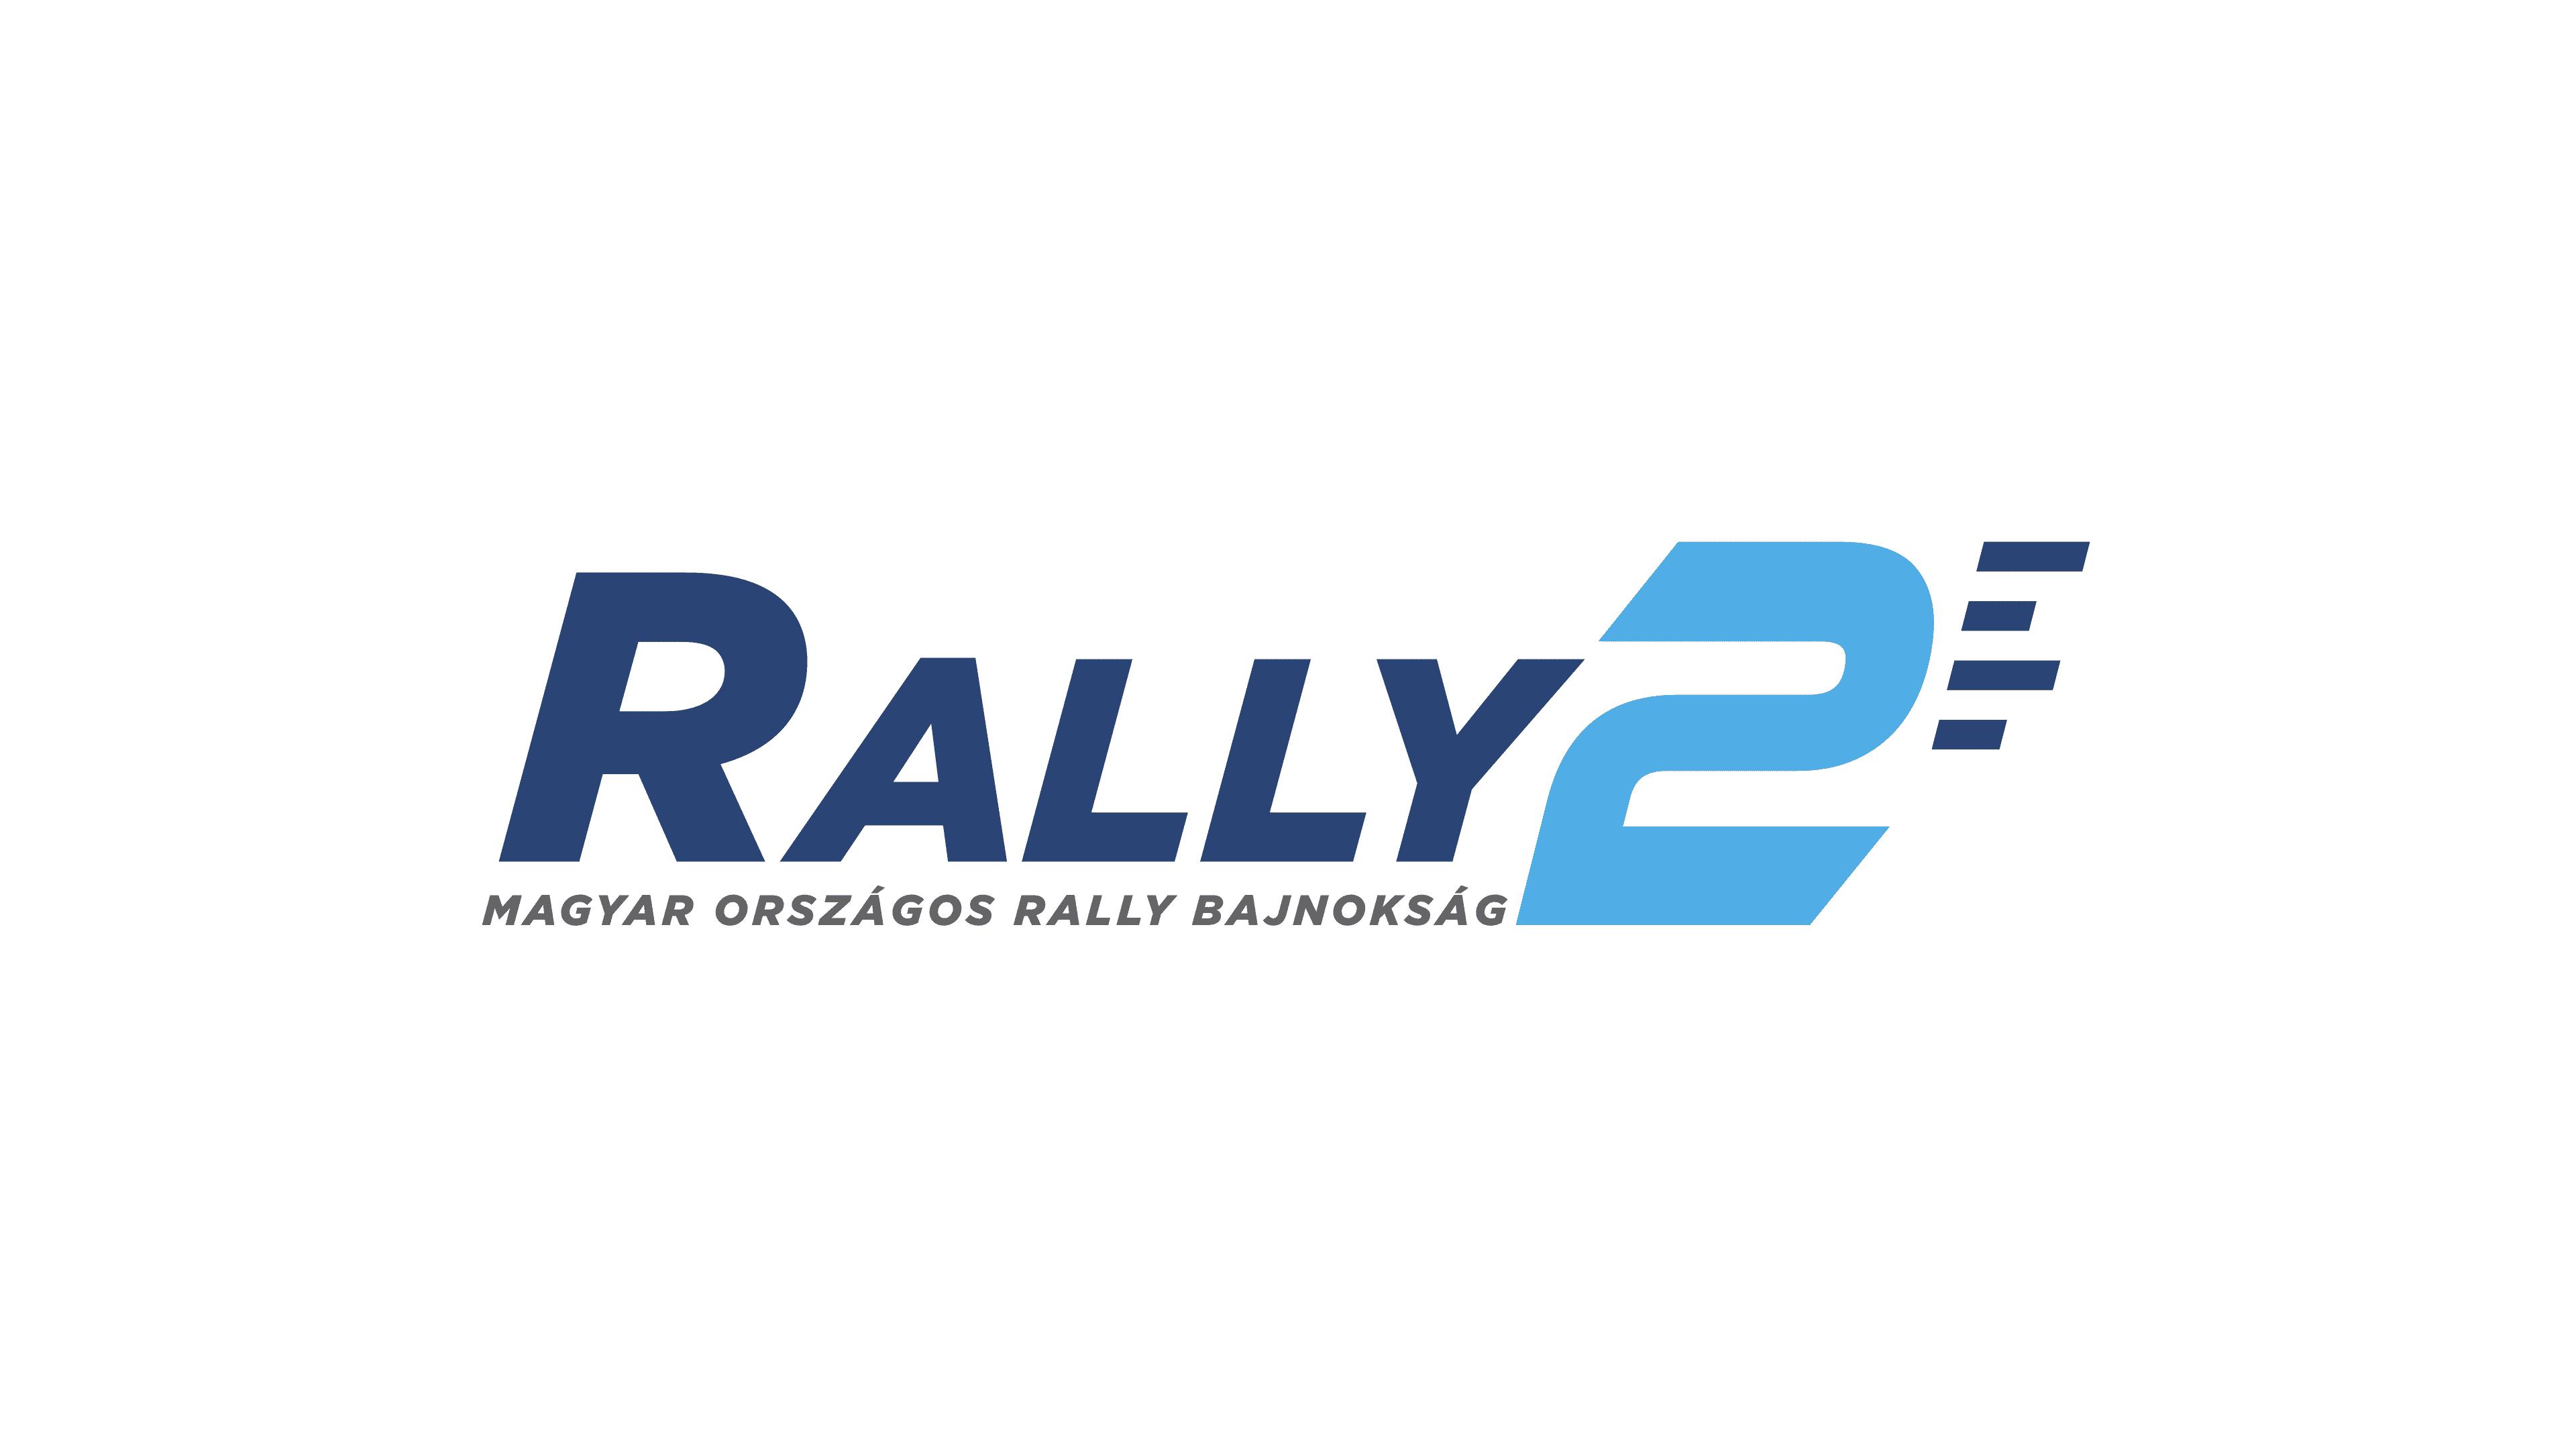 Megjelent a Pálháza Rally kiírás tervezete!